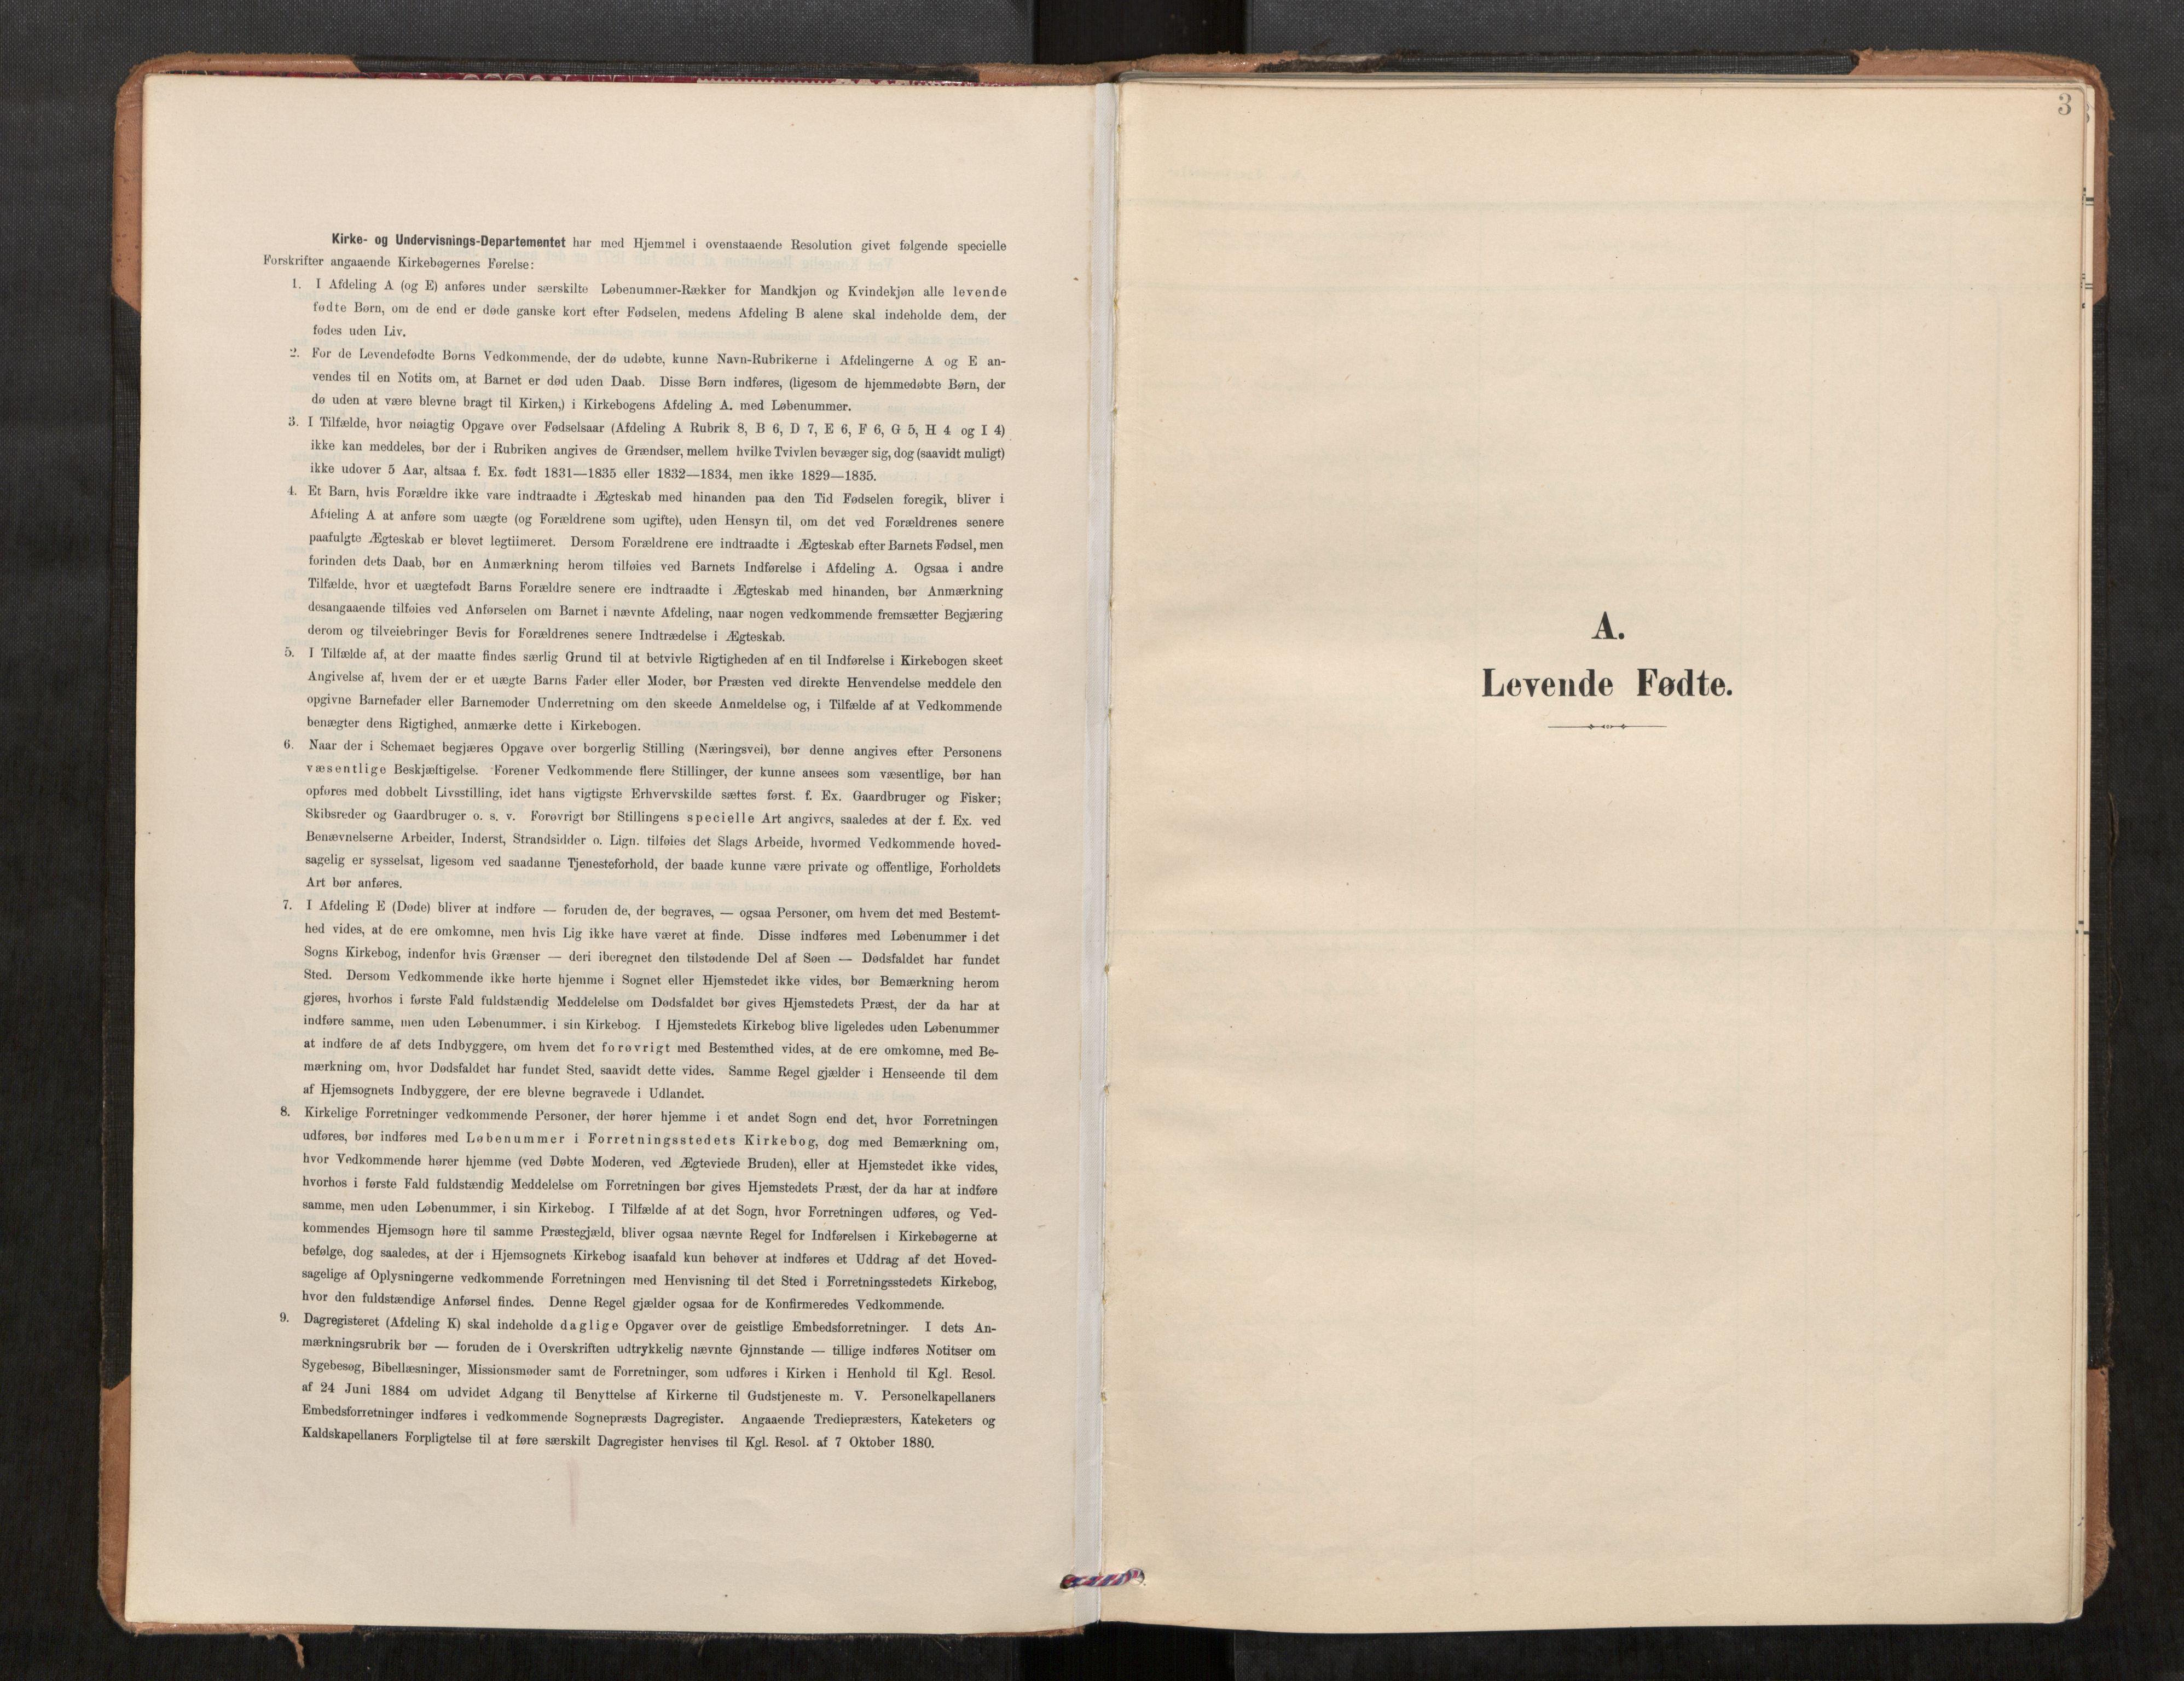 SAT, Stod sokneprestkontor, I/I1/I1a/L0001: Parish register (official) no. 1, 1900-1912, p. 3